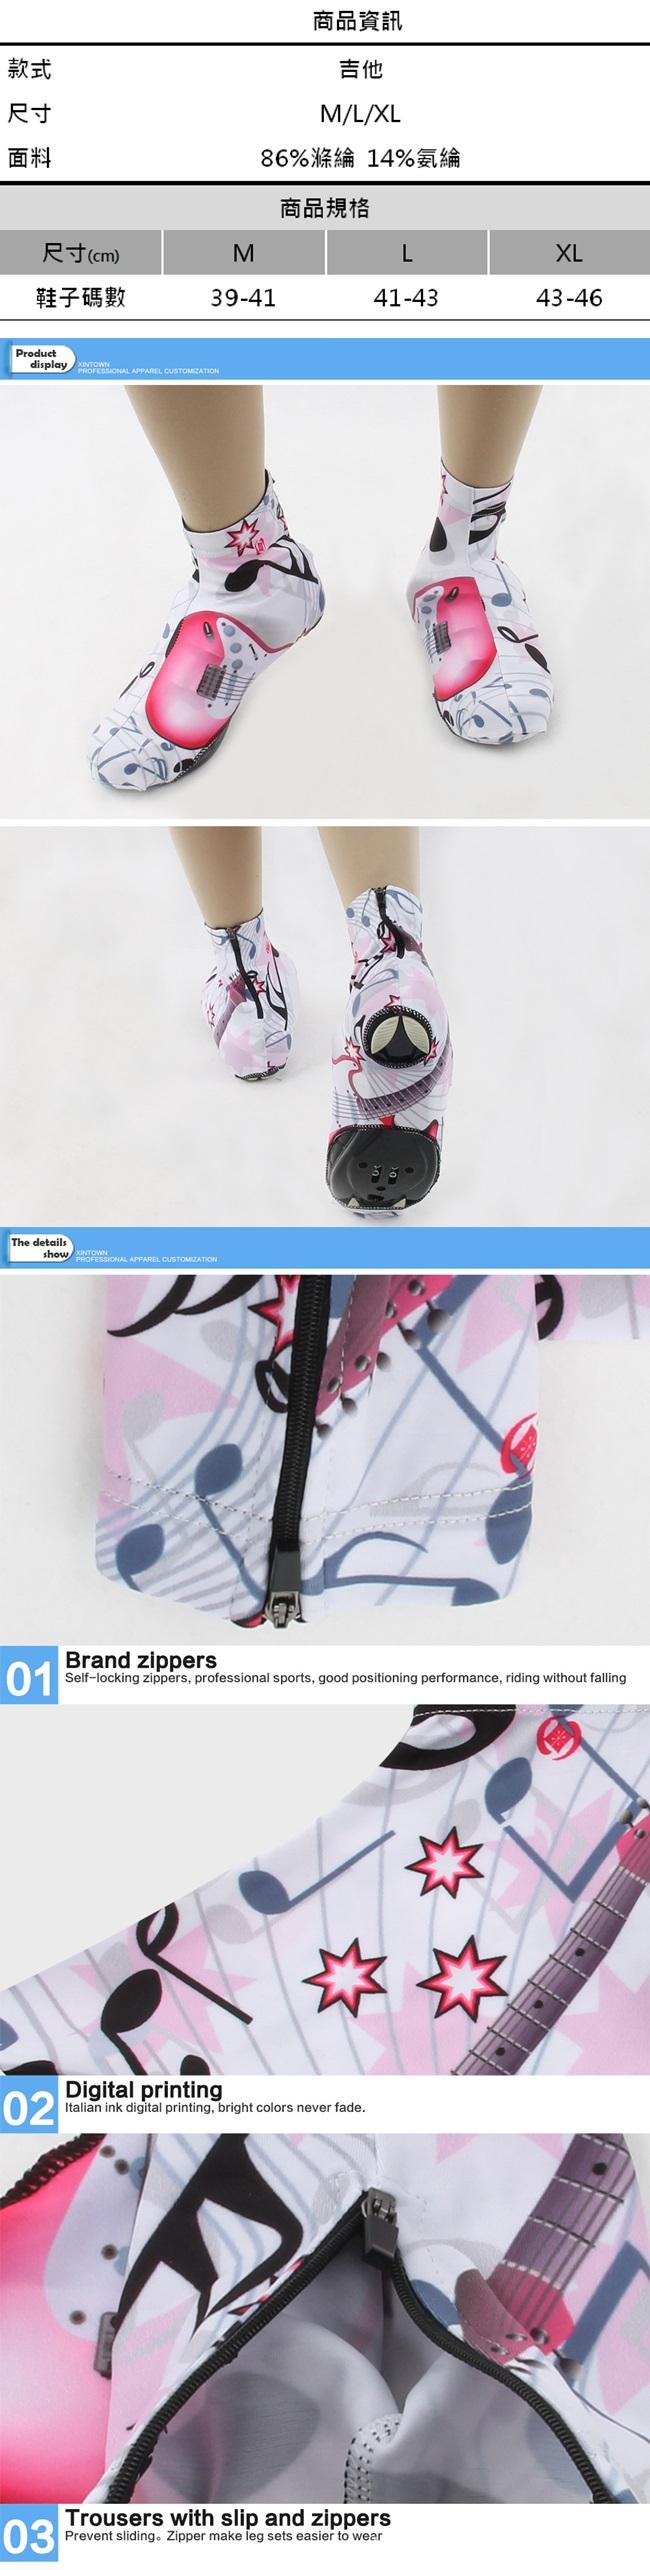 自行車卡鞋鞋套-防塵防汙舒適騎行單車鞋罩